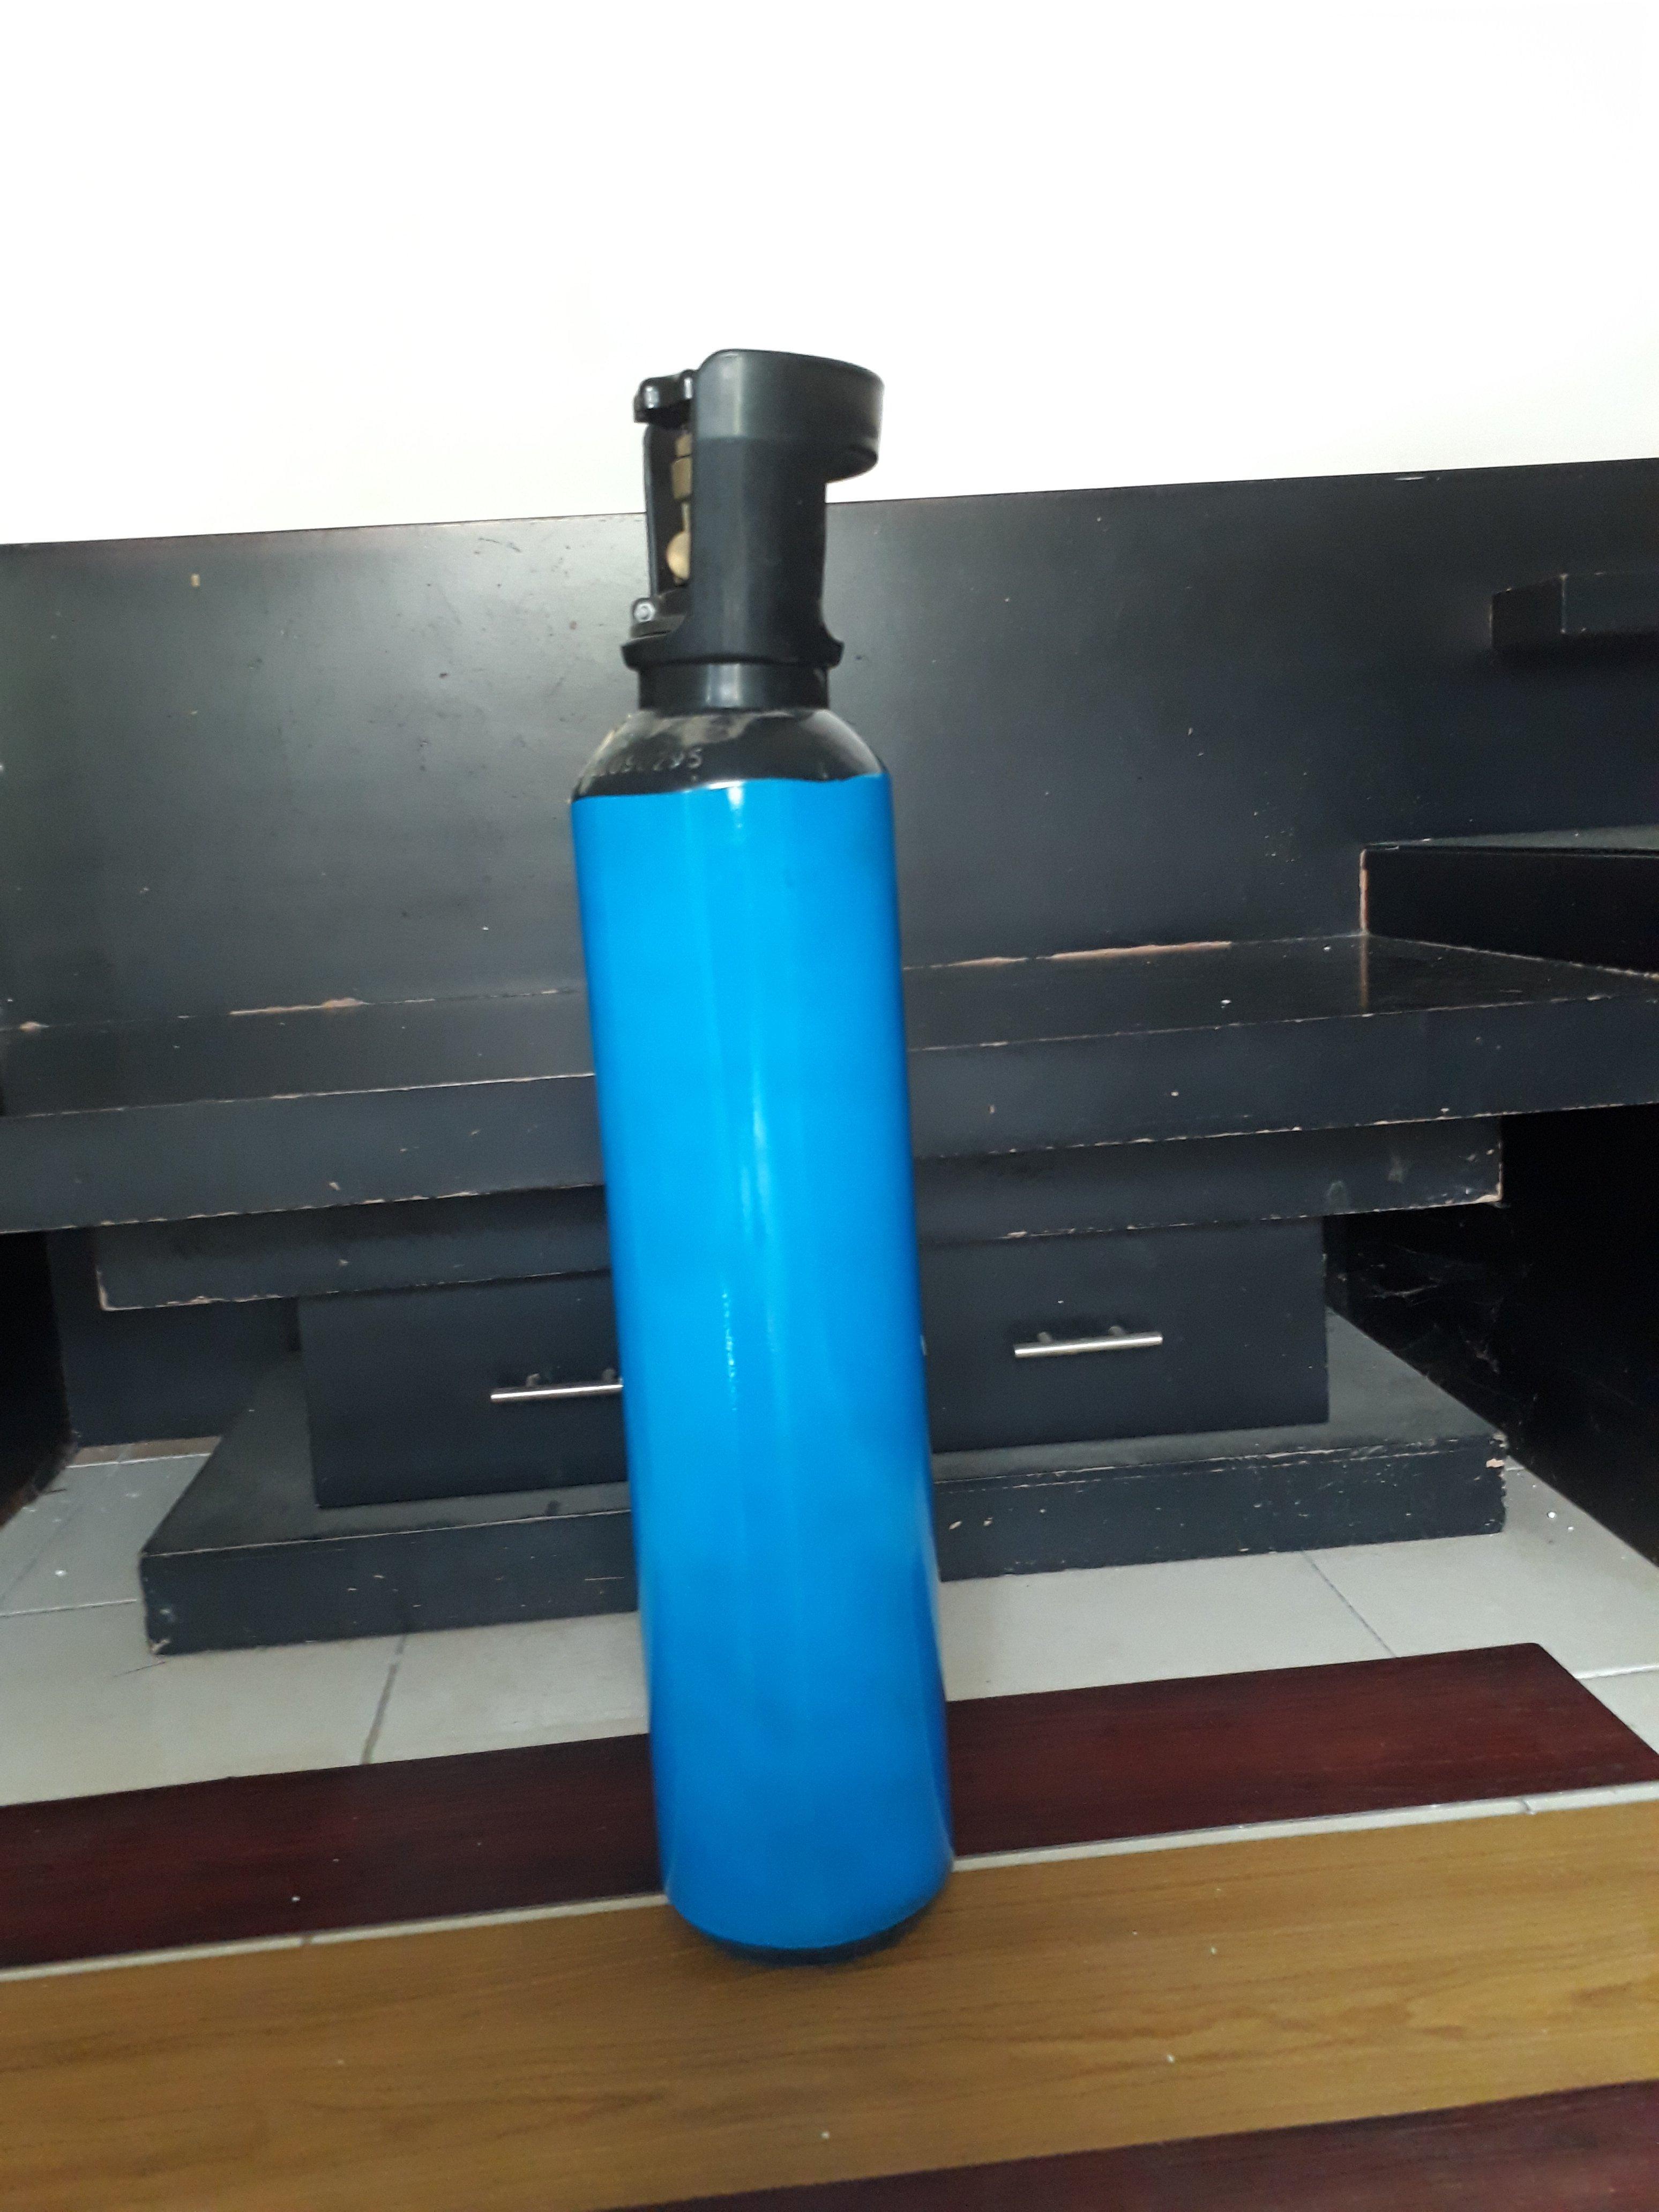 Jual tabung argon portabel 7 liter, ini tabung Argon 7 liter, Butuh refill gas argon 7 liter? Kami jual isi gas argon di cibinong. Penyalur gas argon di depok, jual gas argon portabel di sentul bogor, agen gas argon di pemda ciluar, Menjual Argon ke cimanggis citeureup Bogor.